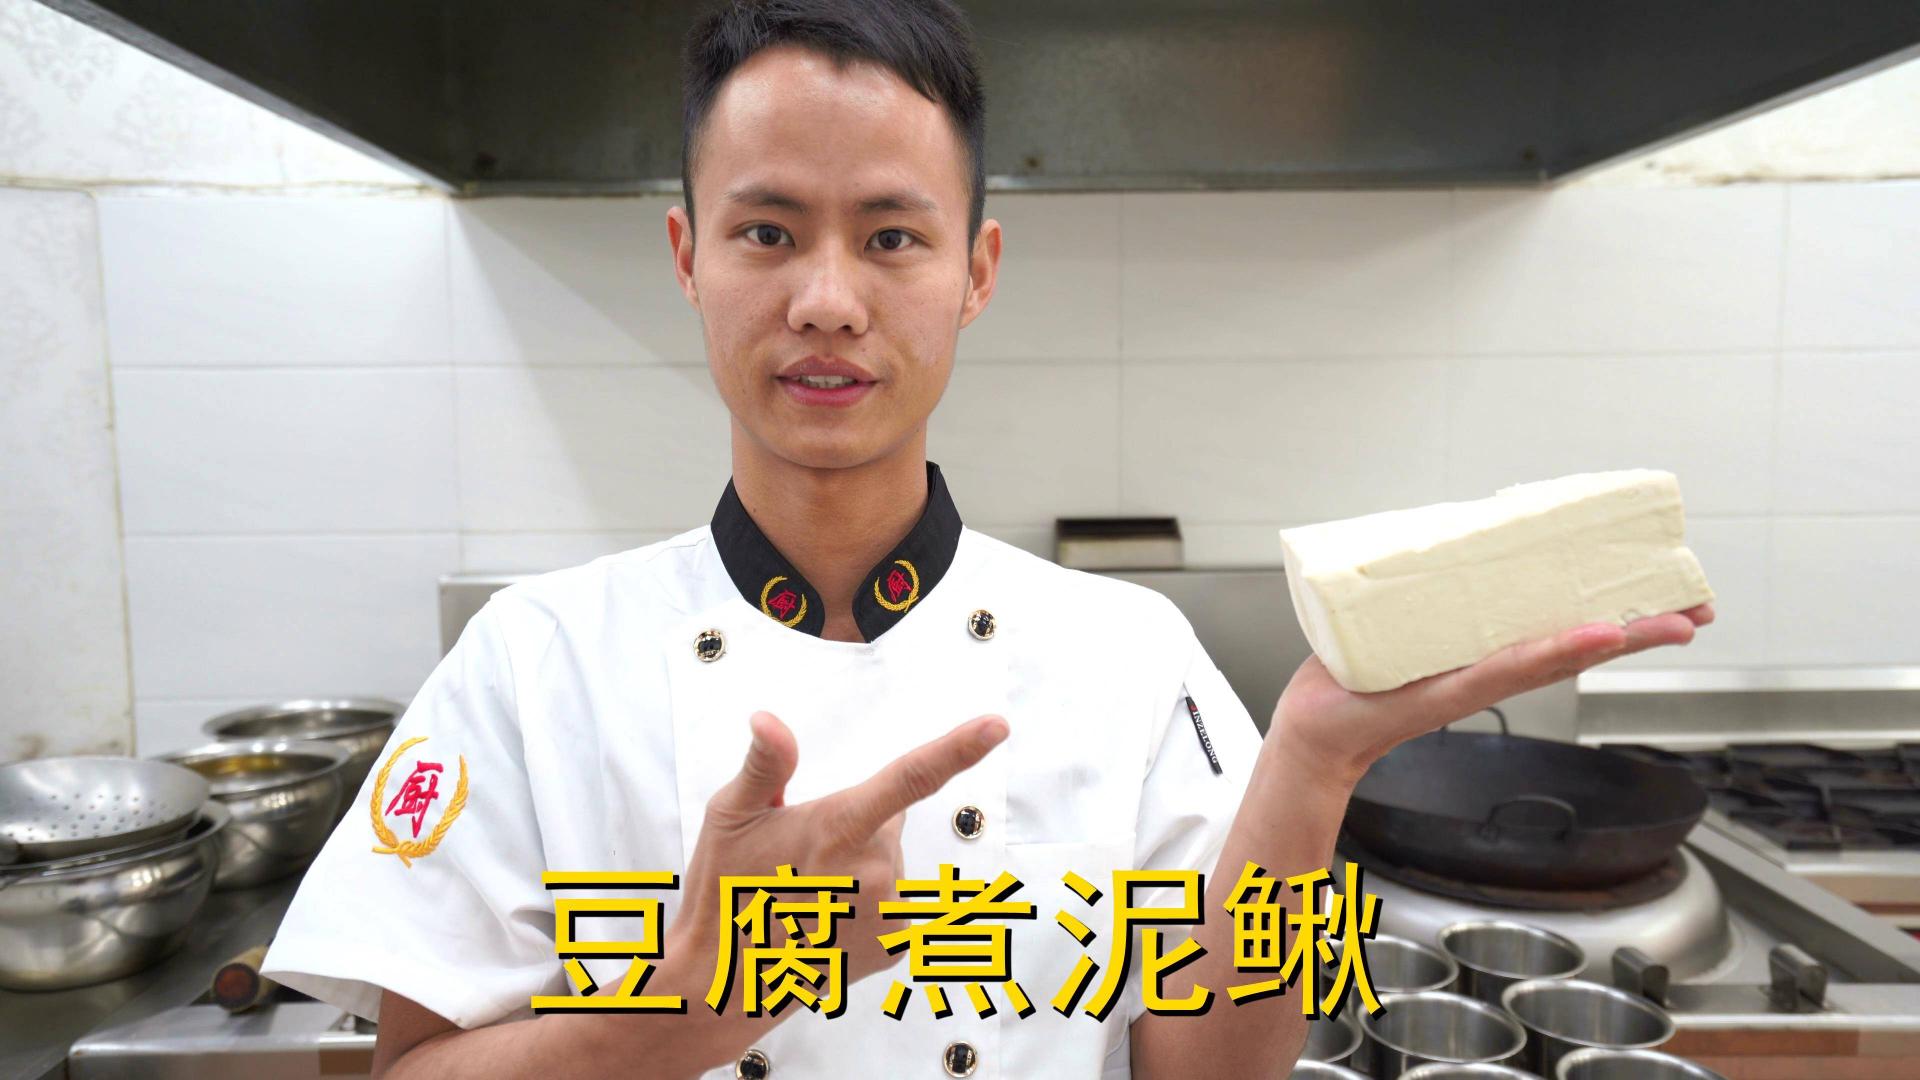 """厨师长教你:""""豆腐煮泥鳅""""的家常做法,汤鲜味美先收藏了"""